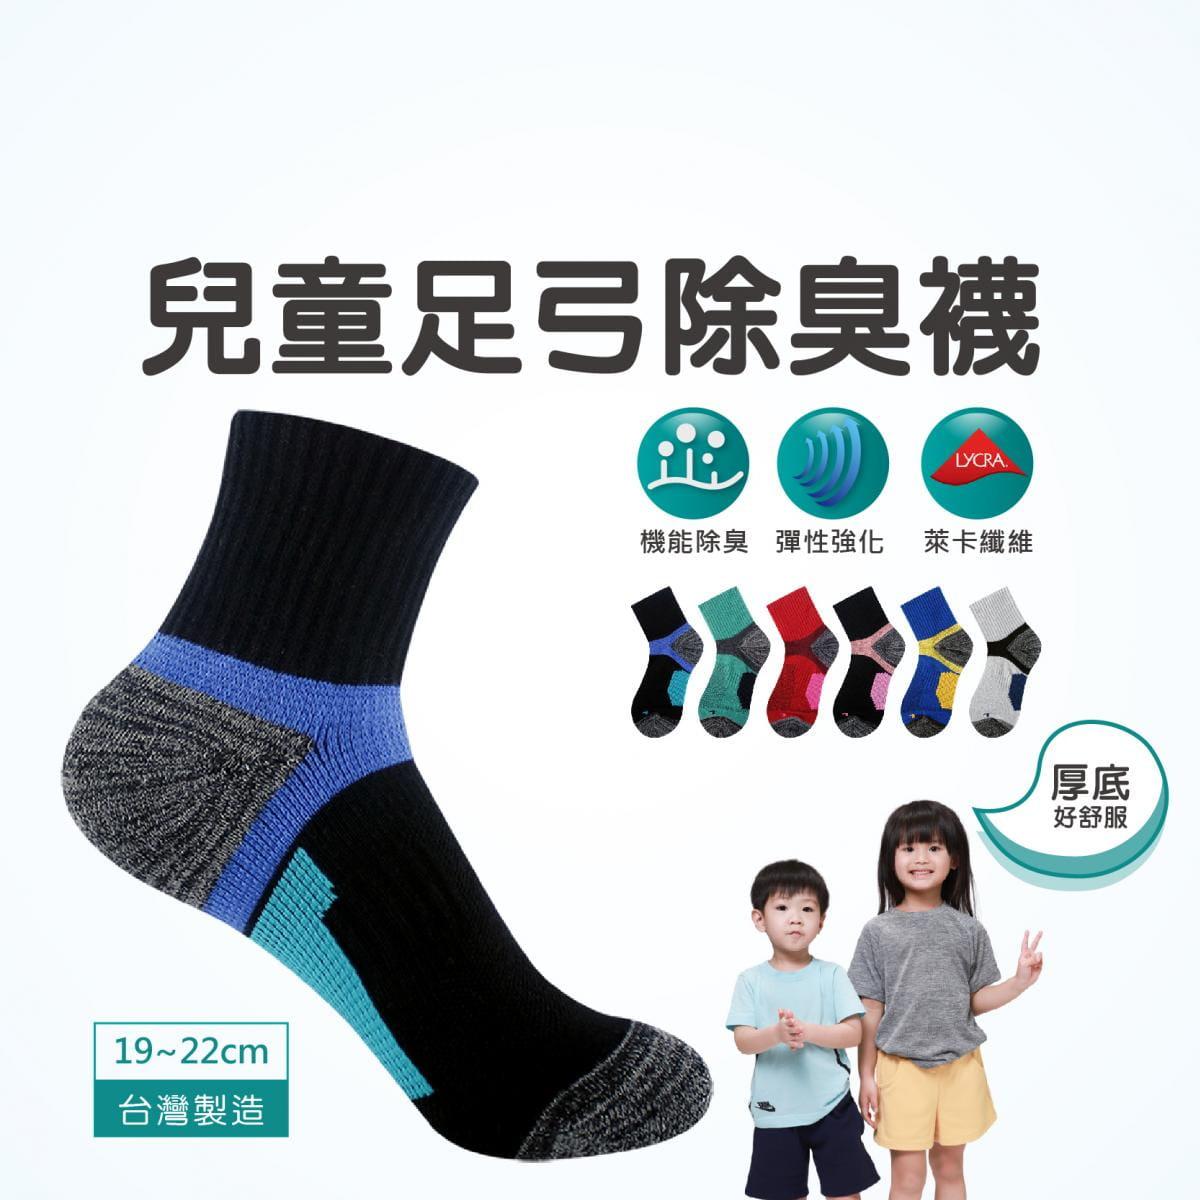 【FAV】兒童足弓除臭襪-止滑 0